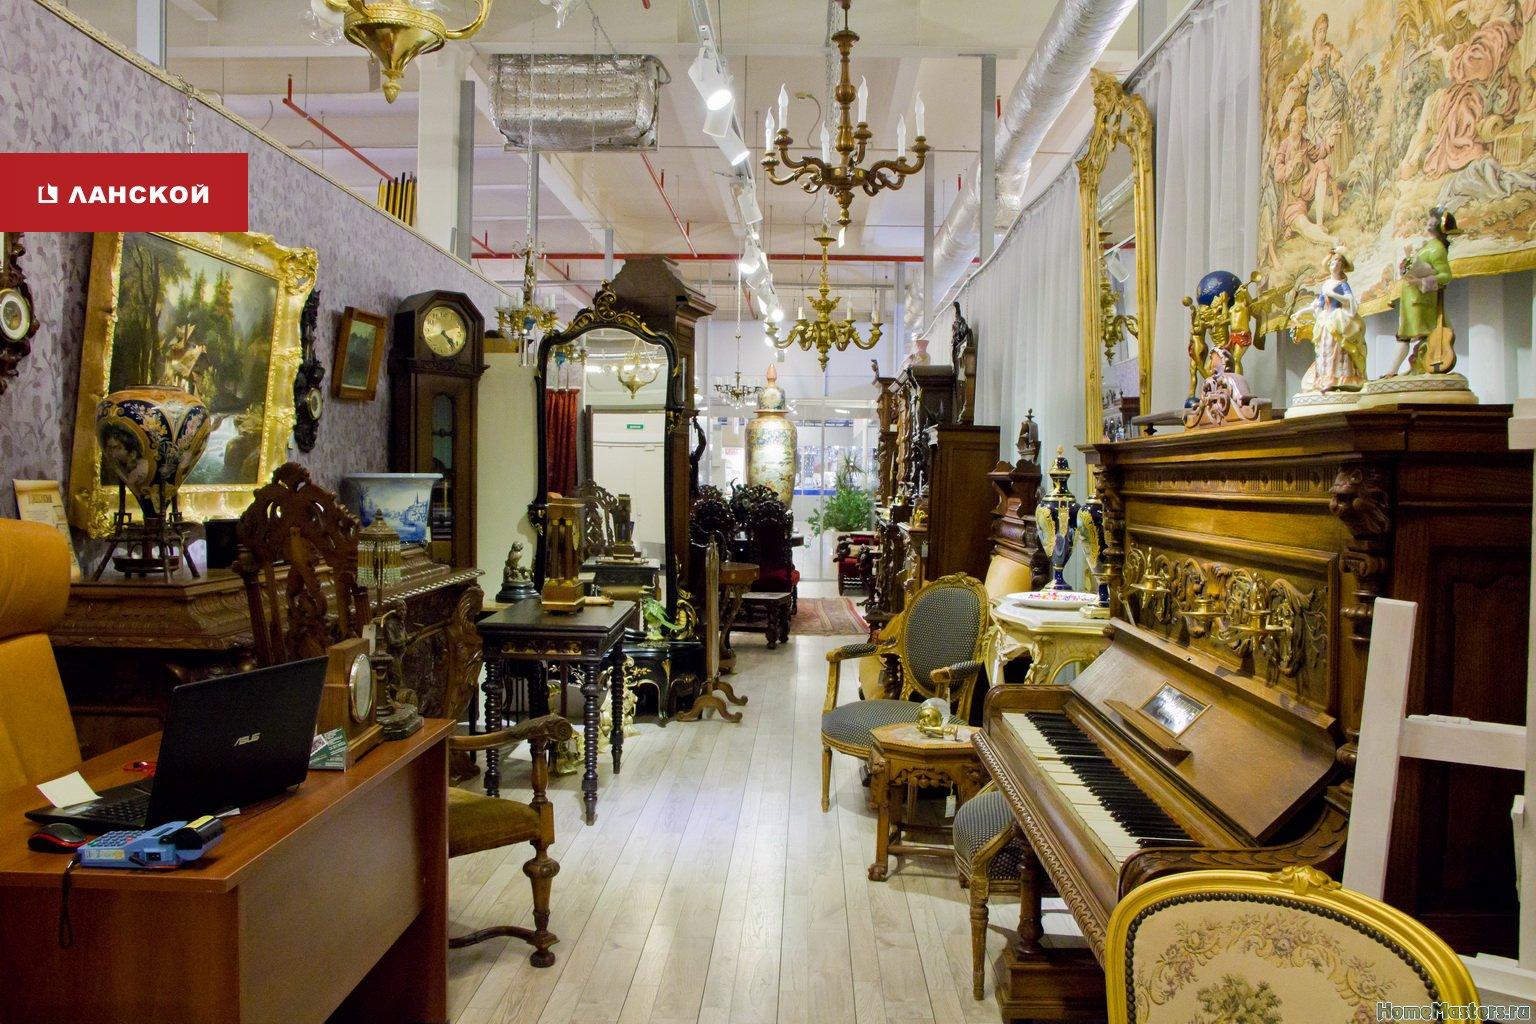 антикварный салон в торговом комплекс интерьерных товаров